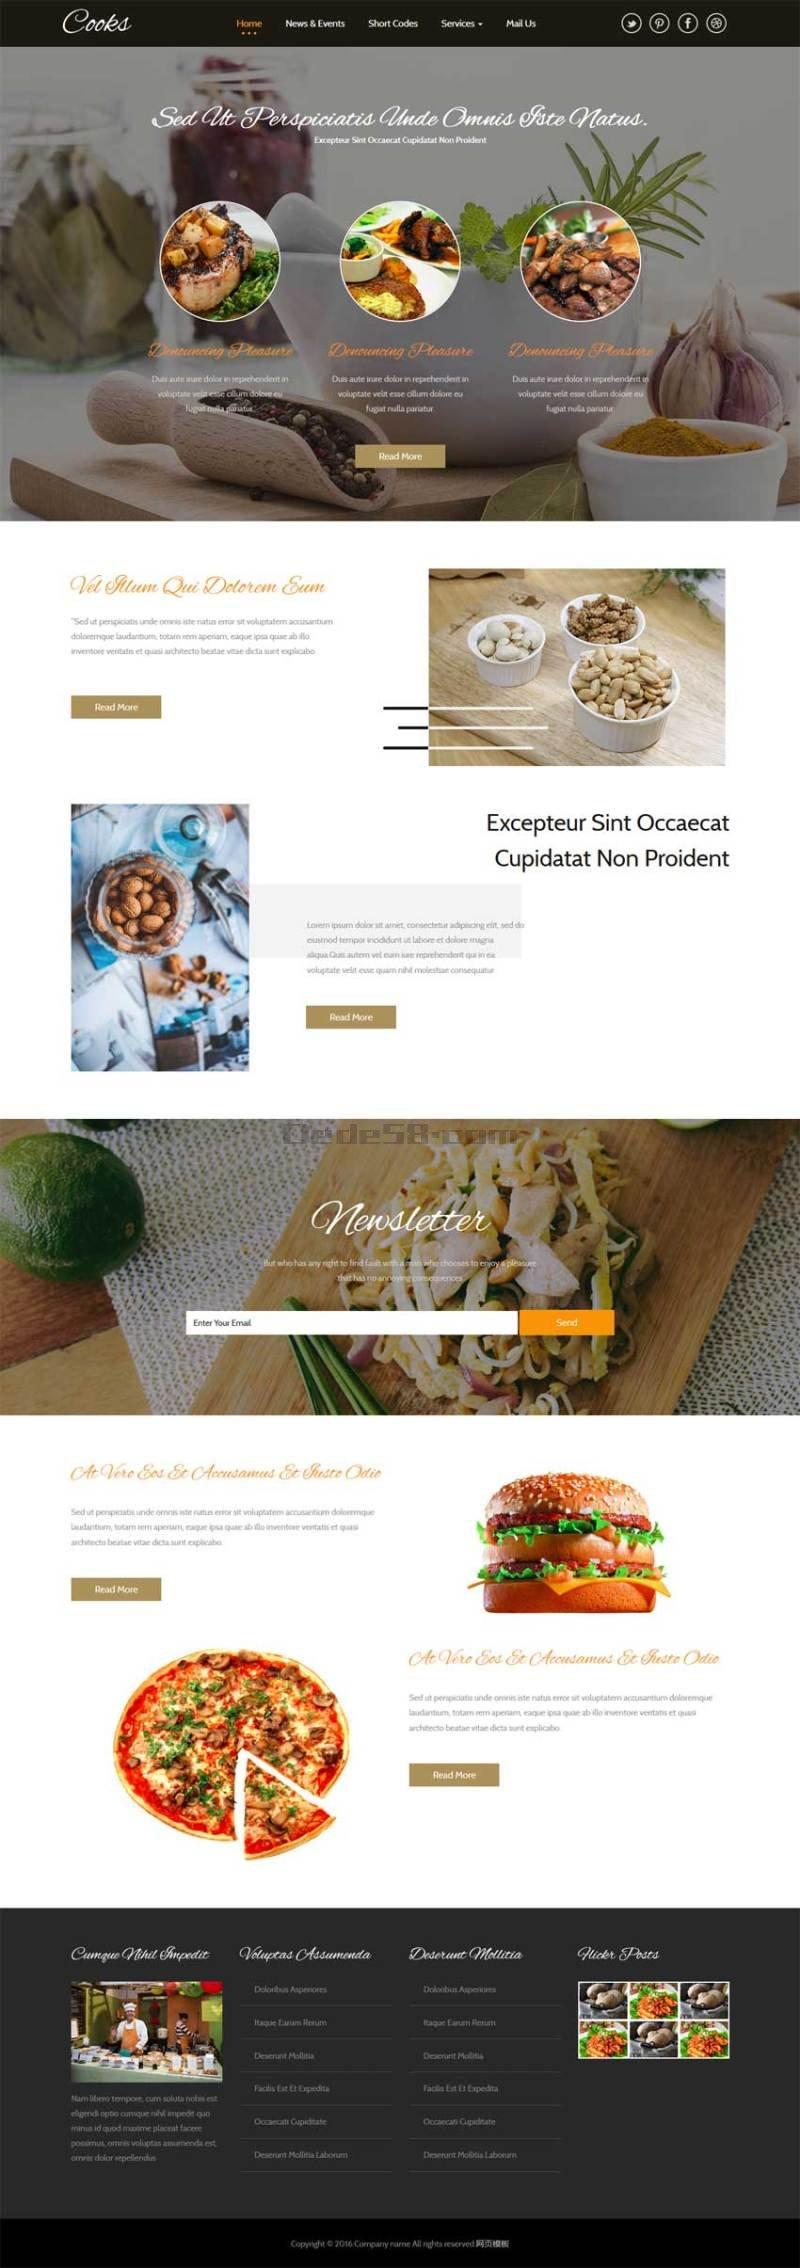 国外宽屏披萨餐饮店铺网站html5动画模板下载